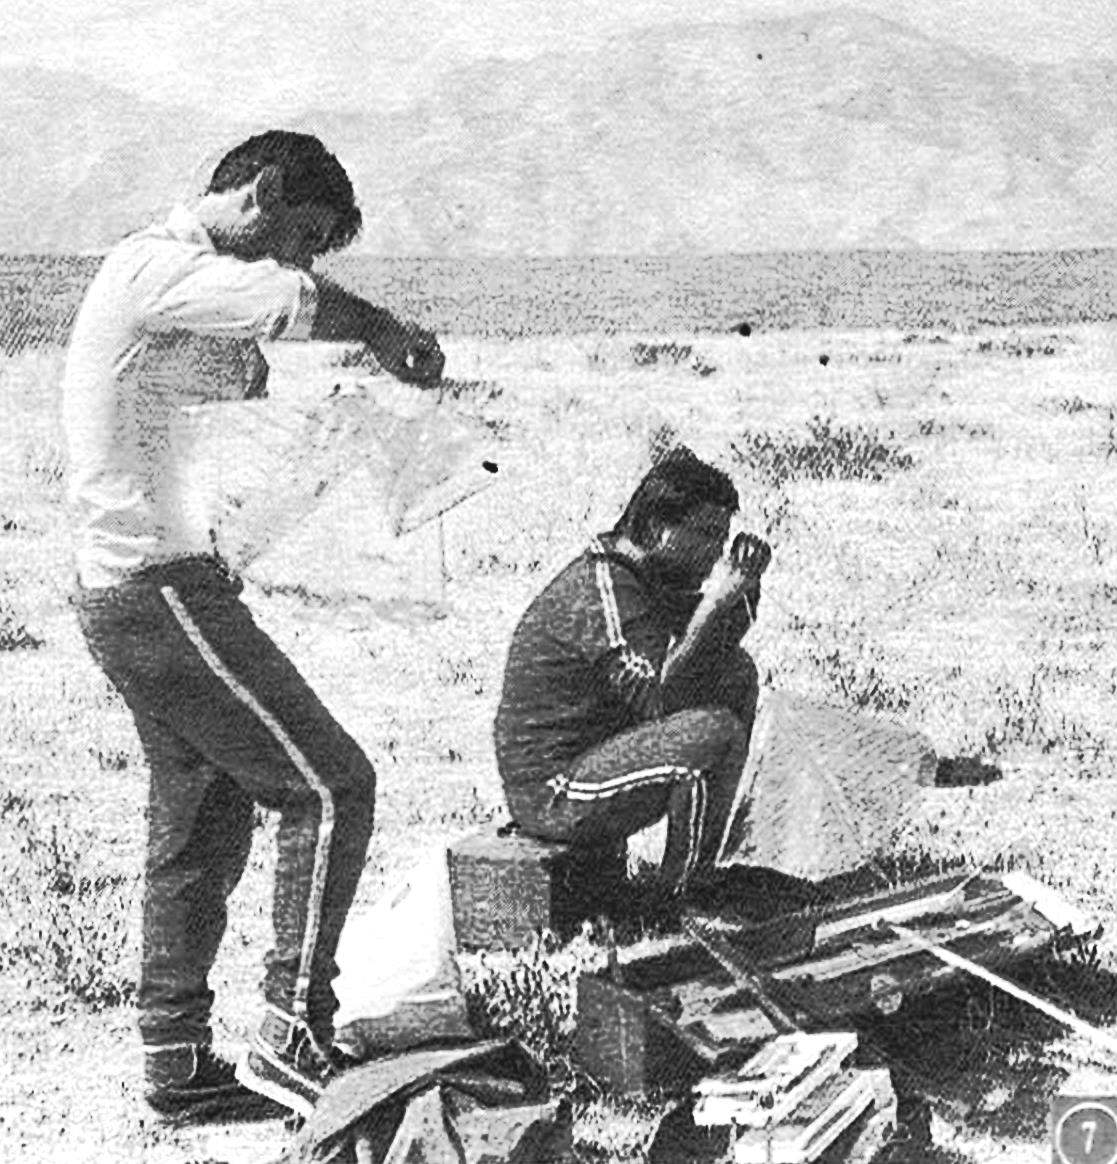 К стартам ракетопланов готовятся спортсмены из Азербайджана.